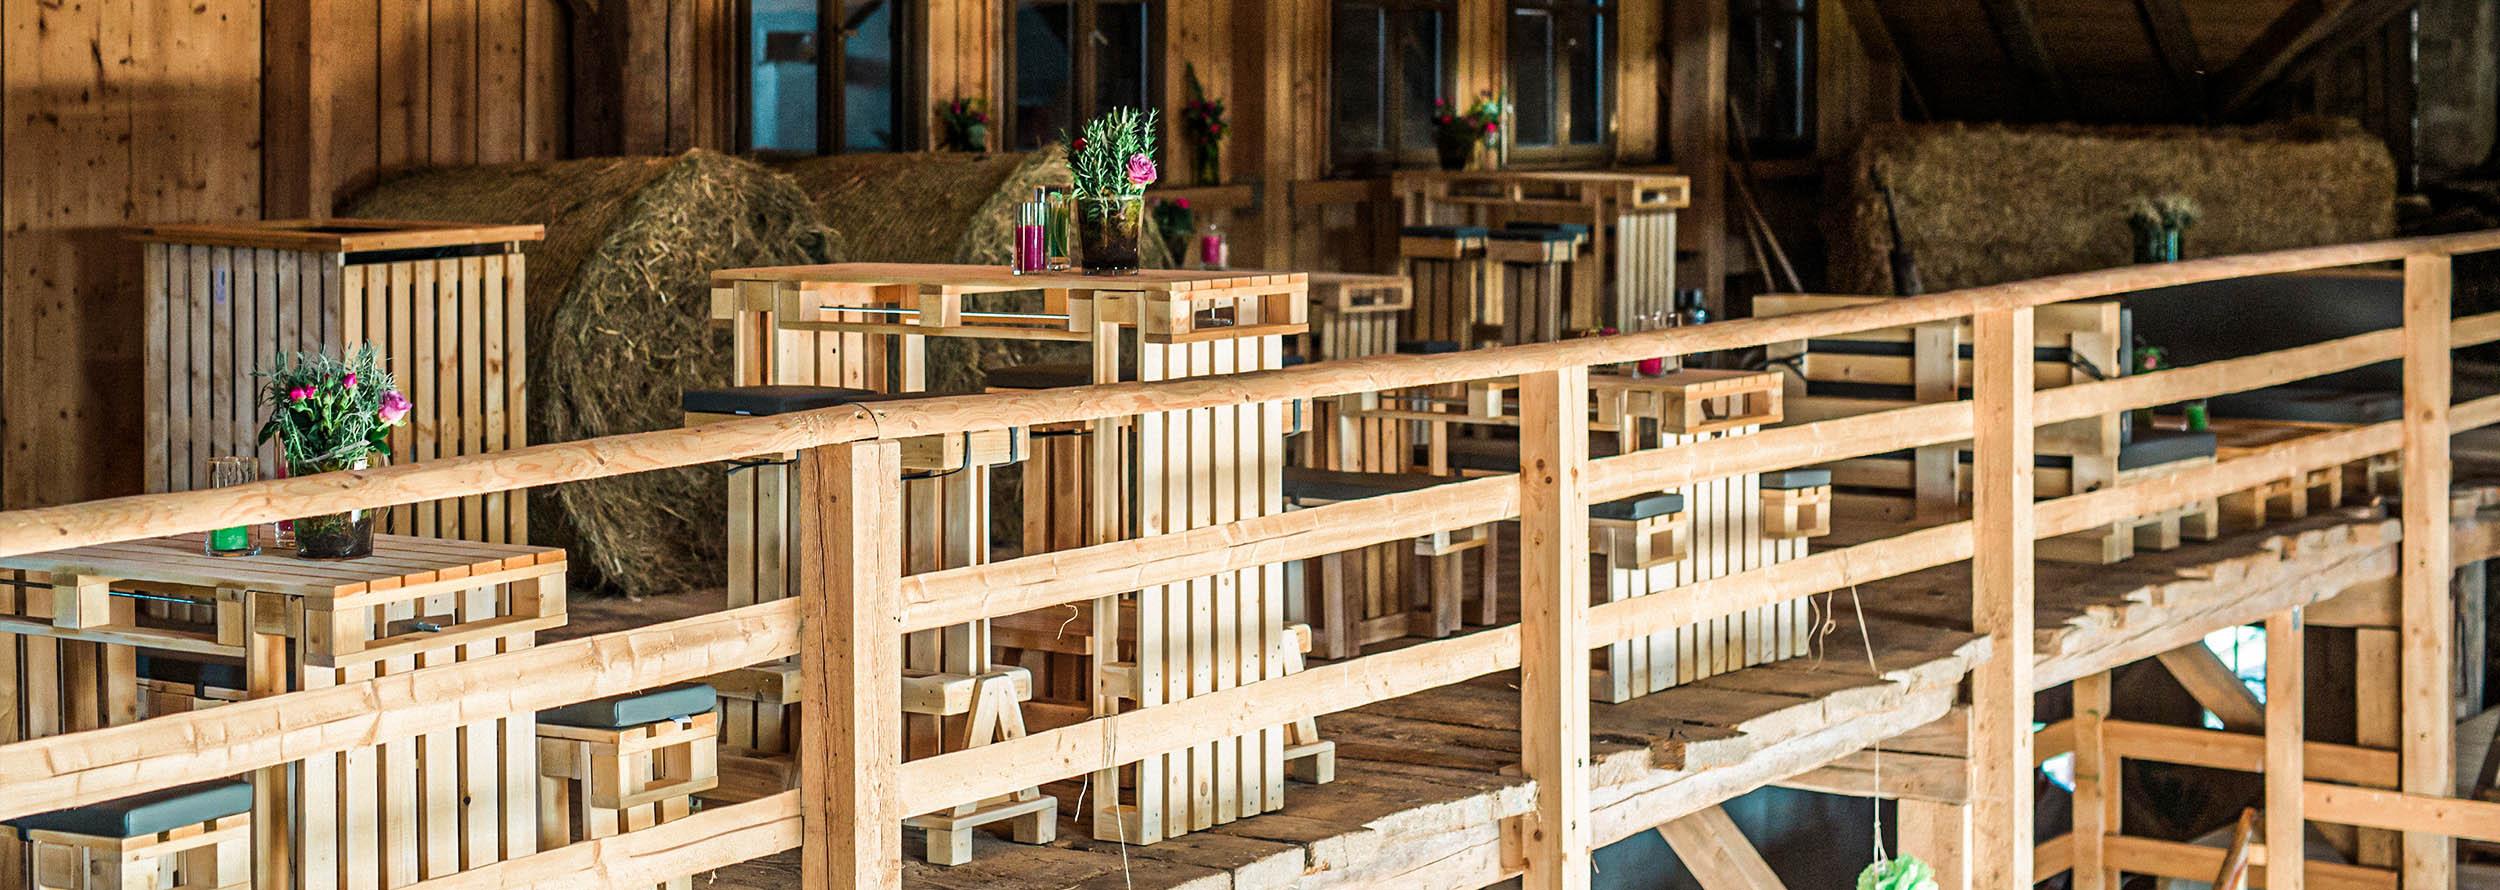 Tische & Stühle für Hochzeiten mieten